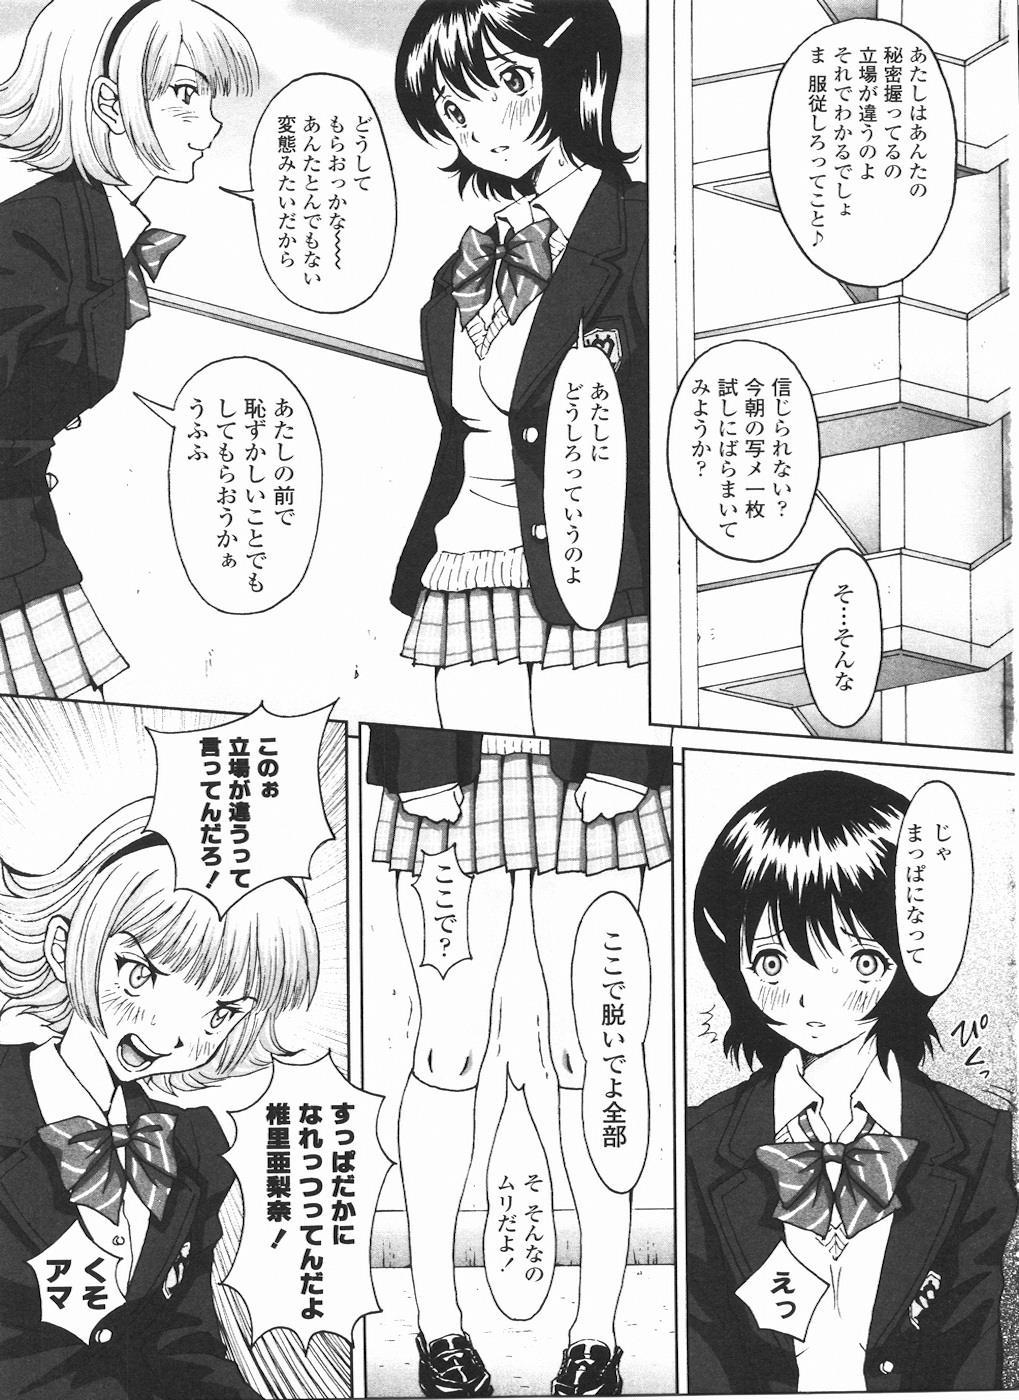 Futanarikko LOVE 11 116